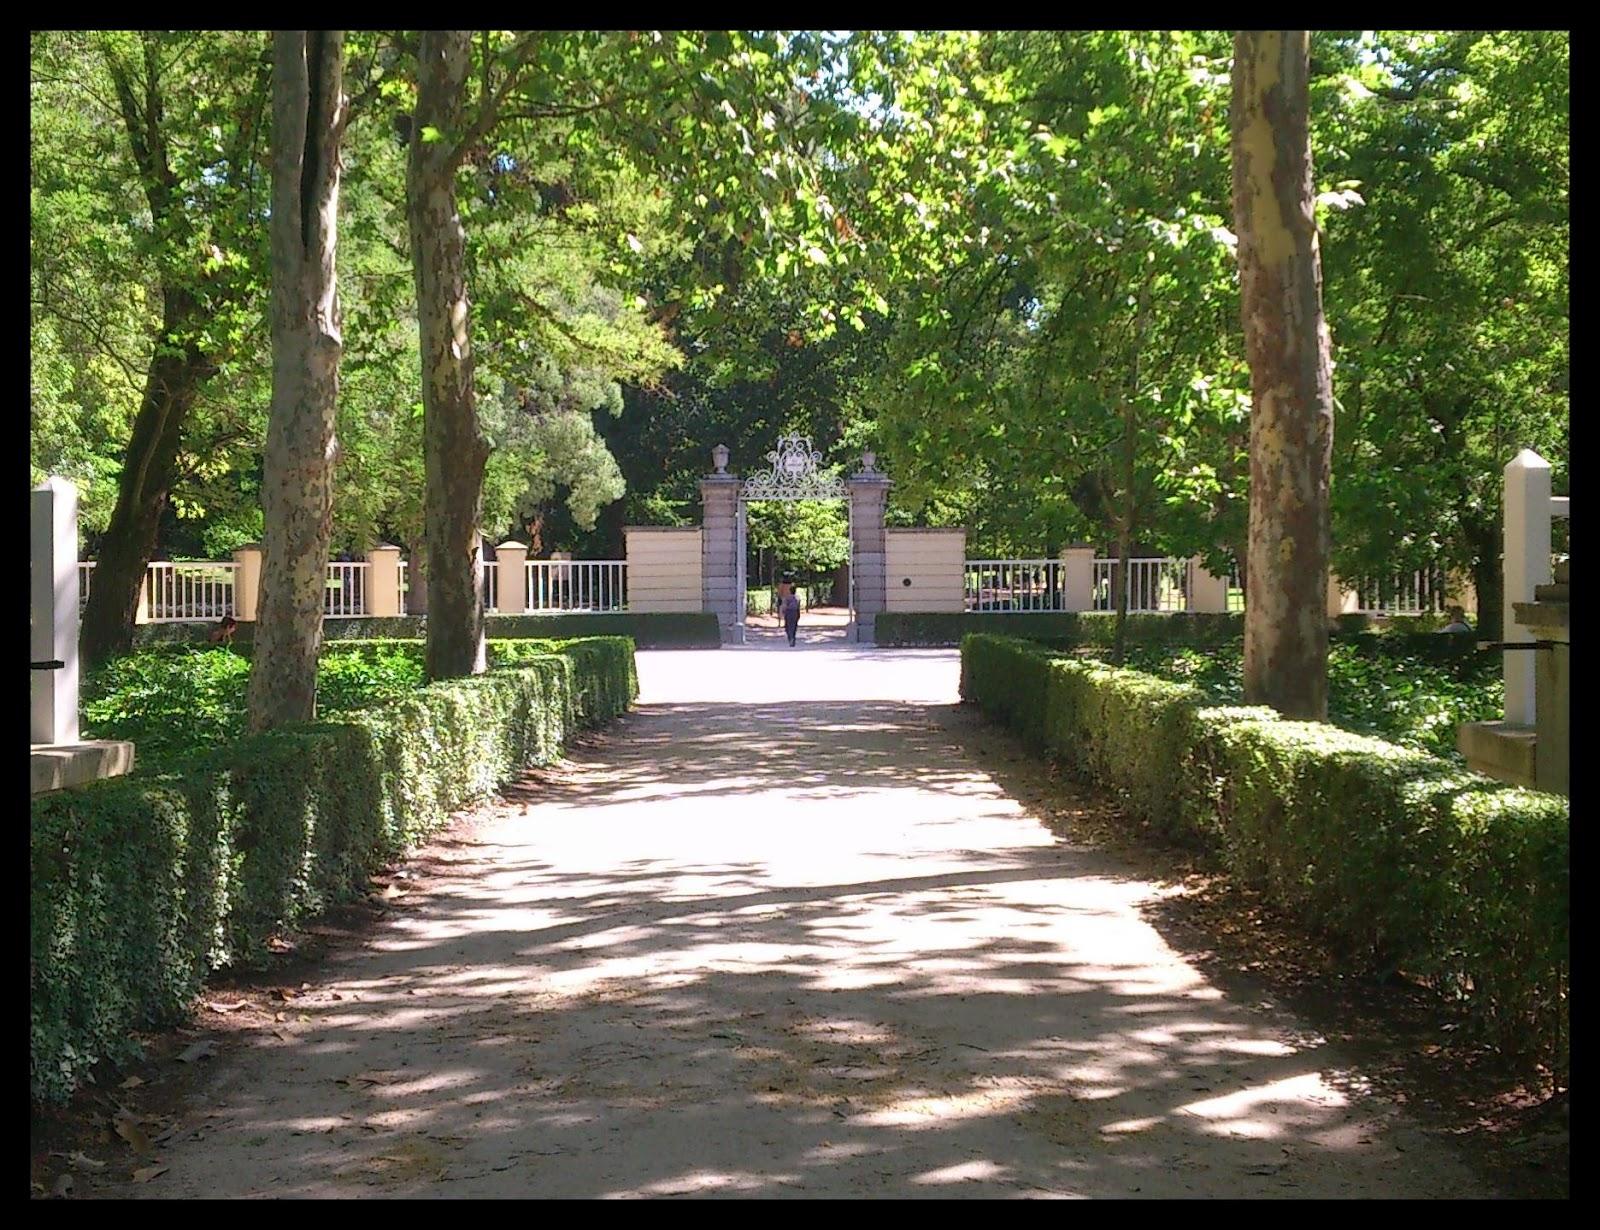 Hasta que duelan los pies parque de el capricho for Jardin historico el capricho paseo alameda de osuna 25